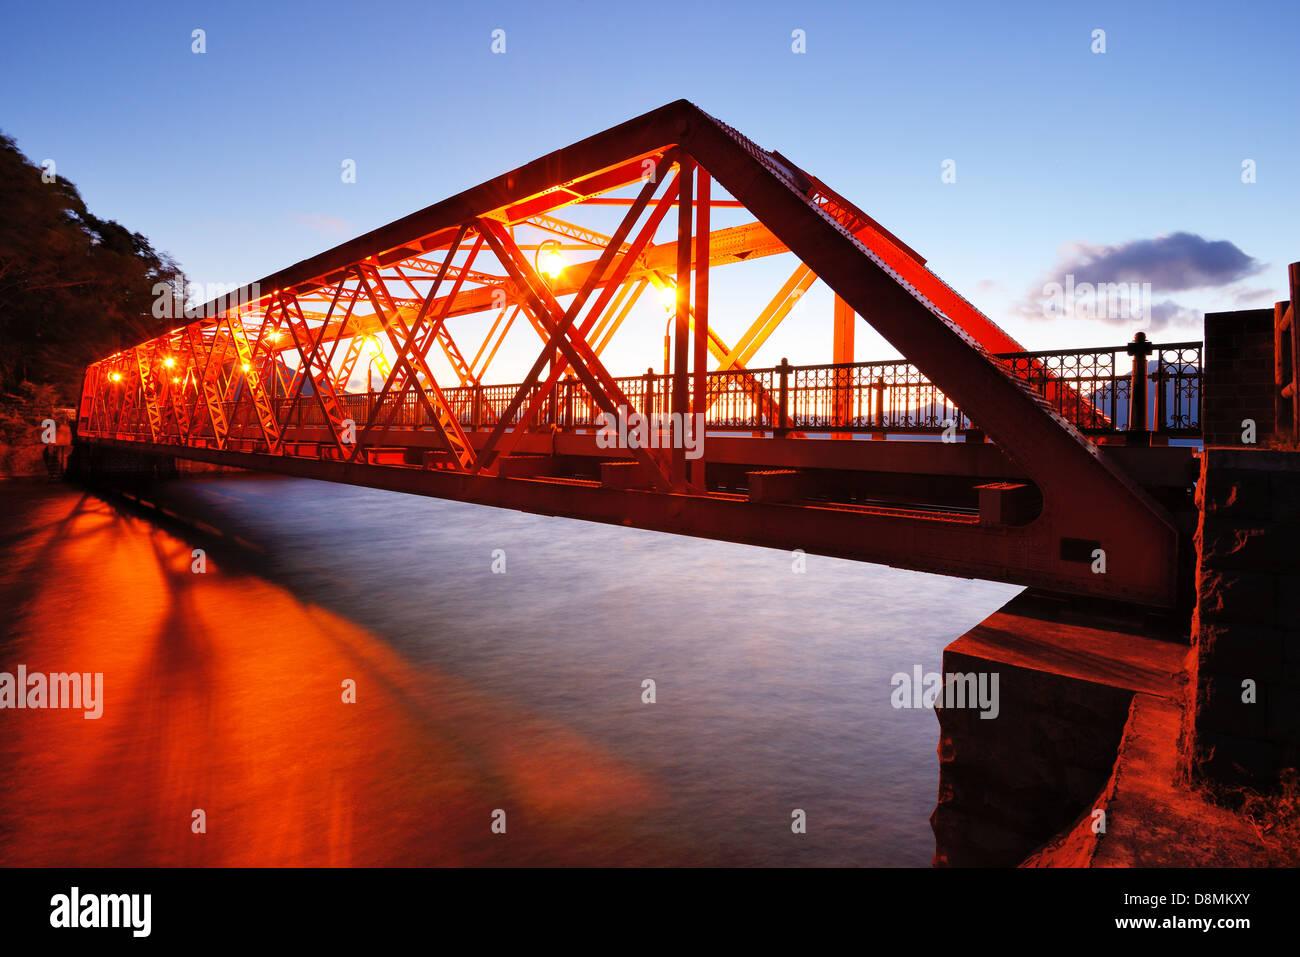 Sansen pont enjambant le lac Shikotsu dans le nord de l'île de Hokkaido, au Japon. Photo Stock